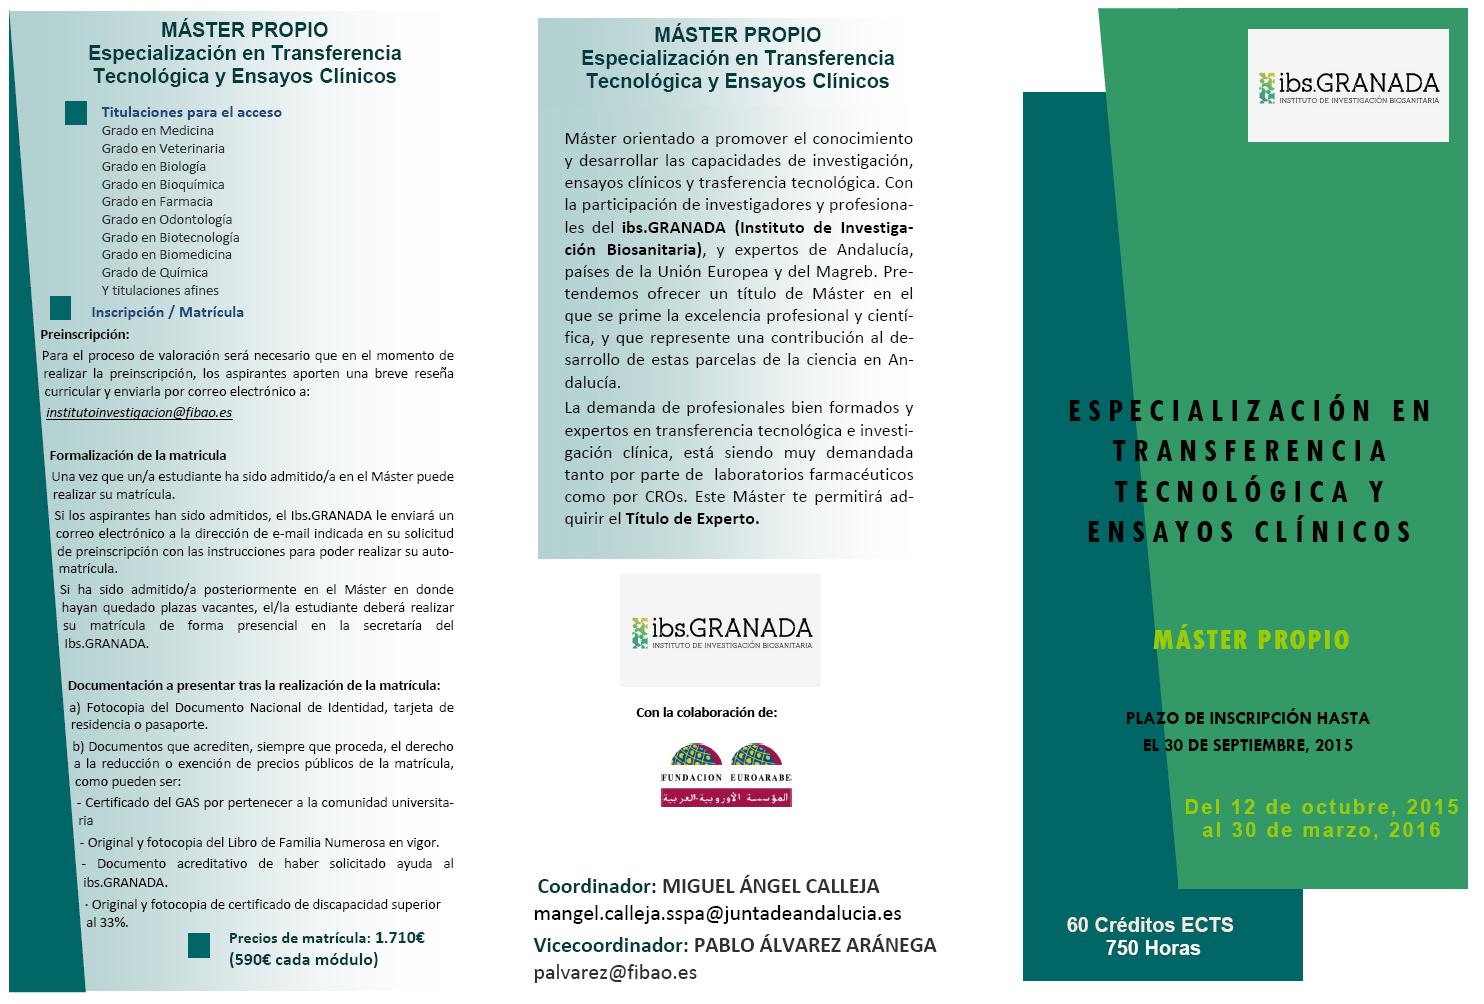 Máster Propio de Especialización en Transferencia Tecnológica y Ensayos Clínicos